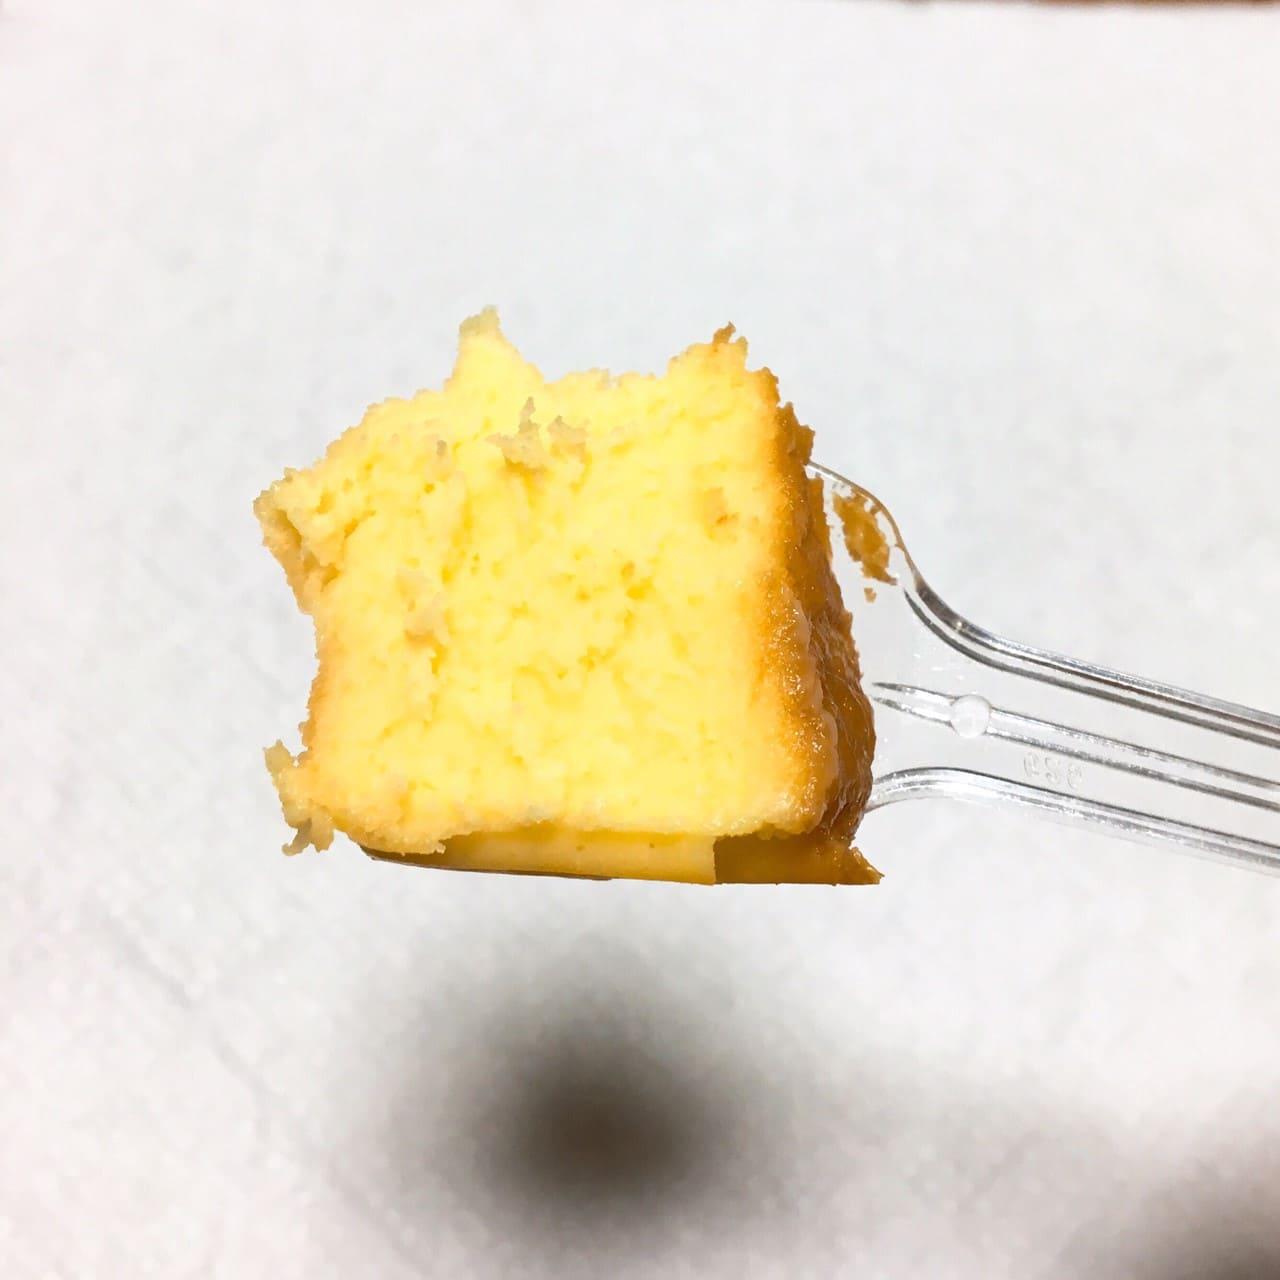 バスクチーズケーキひと口